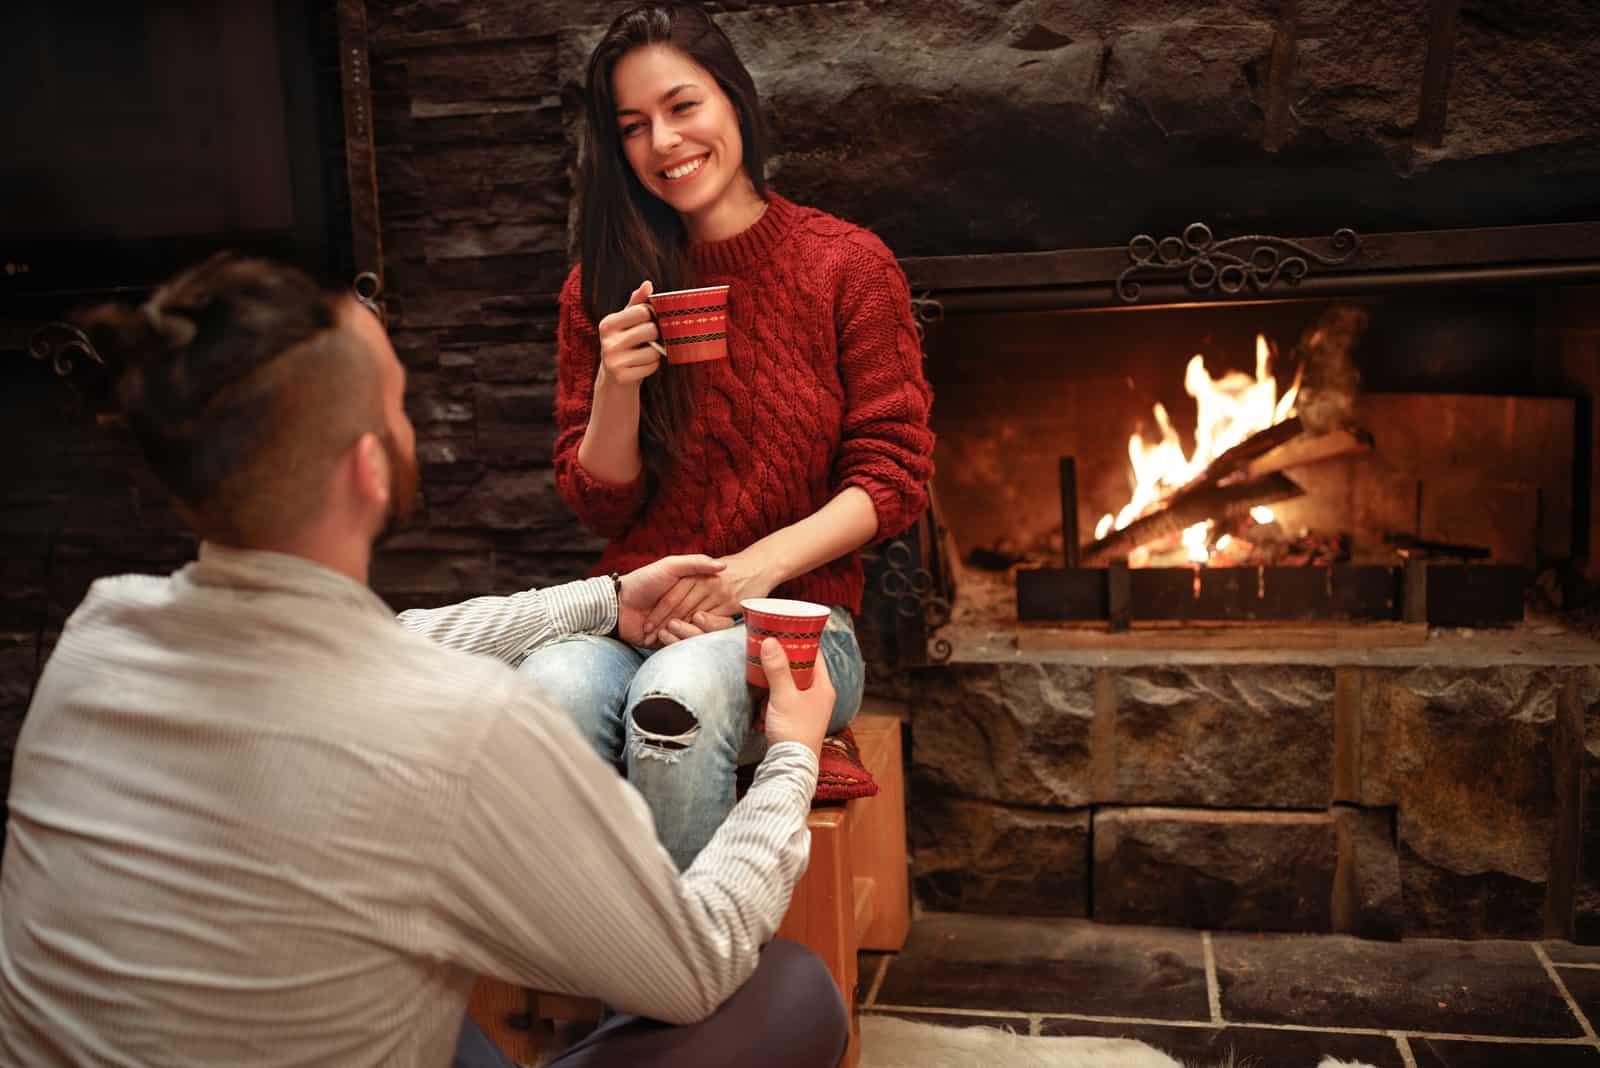 un homme et une femme assis près de la cheminée rient en buvant du café et se tenant la main